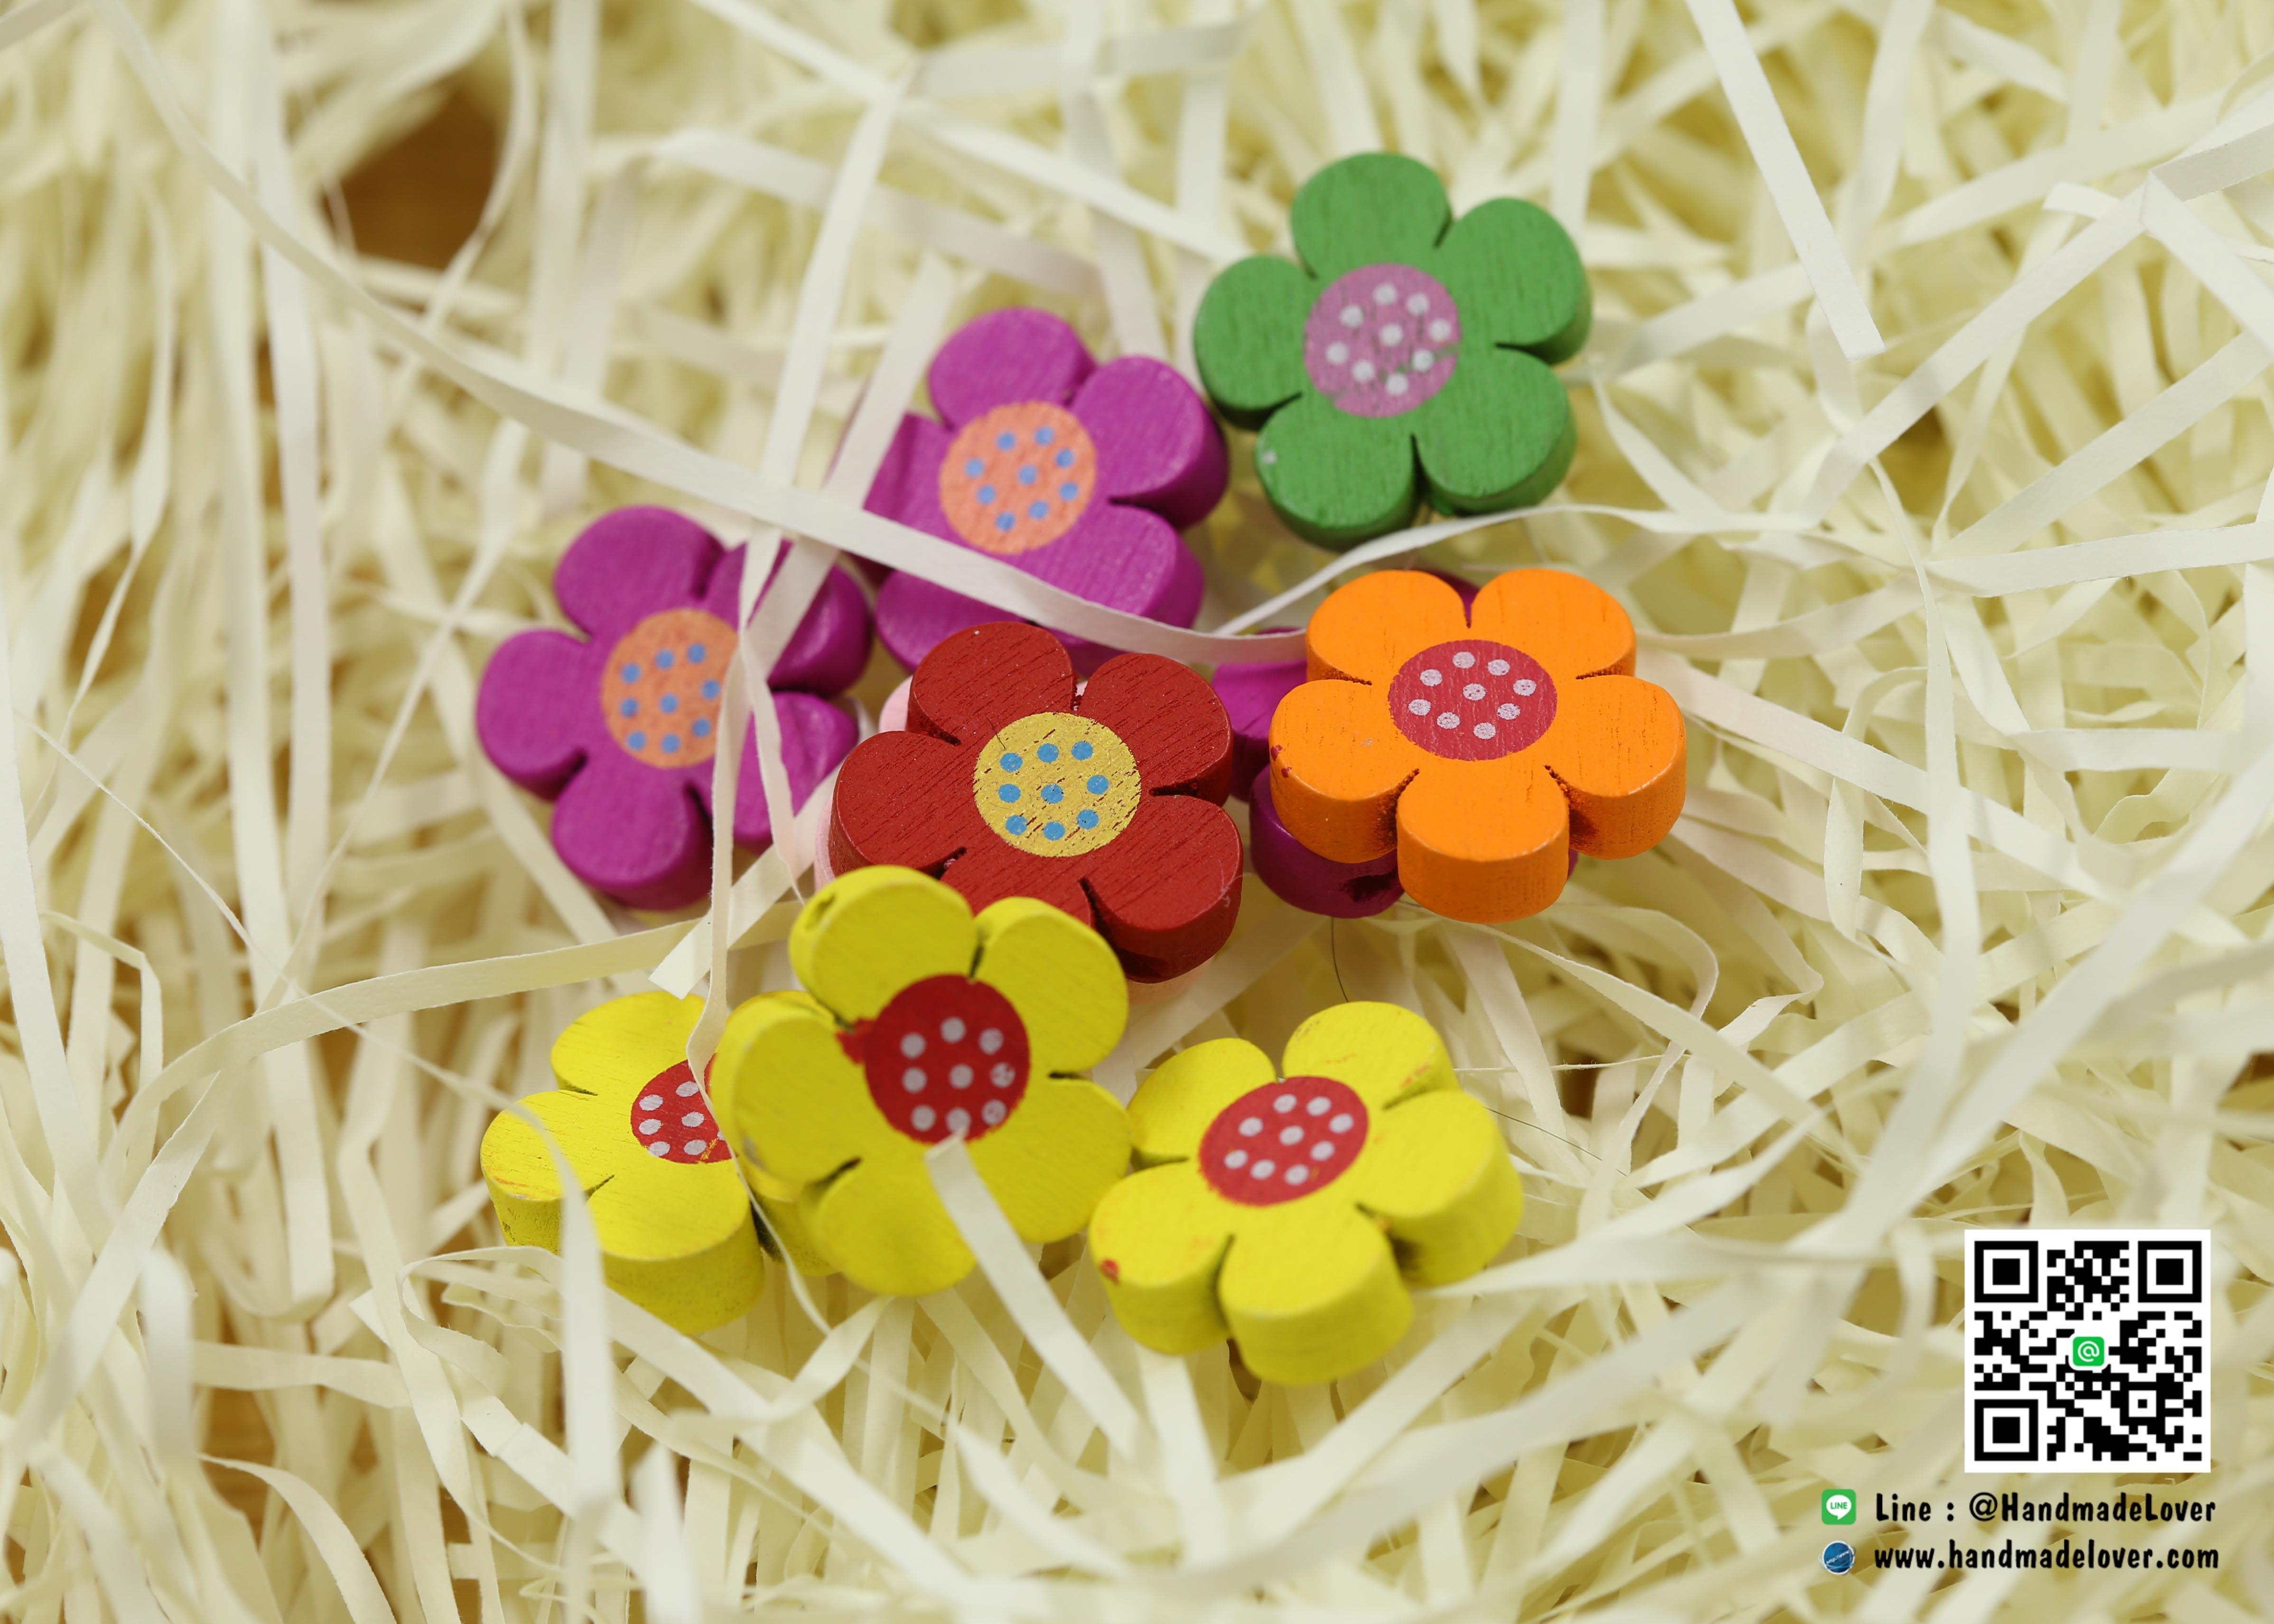 กระดุมไม้ ดอกไม้ คละสี [แพ็ค 10 ชิ้น]